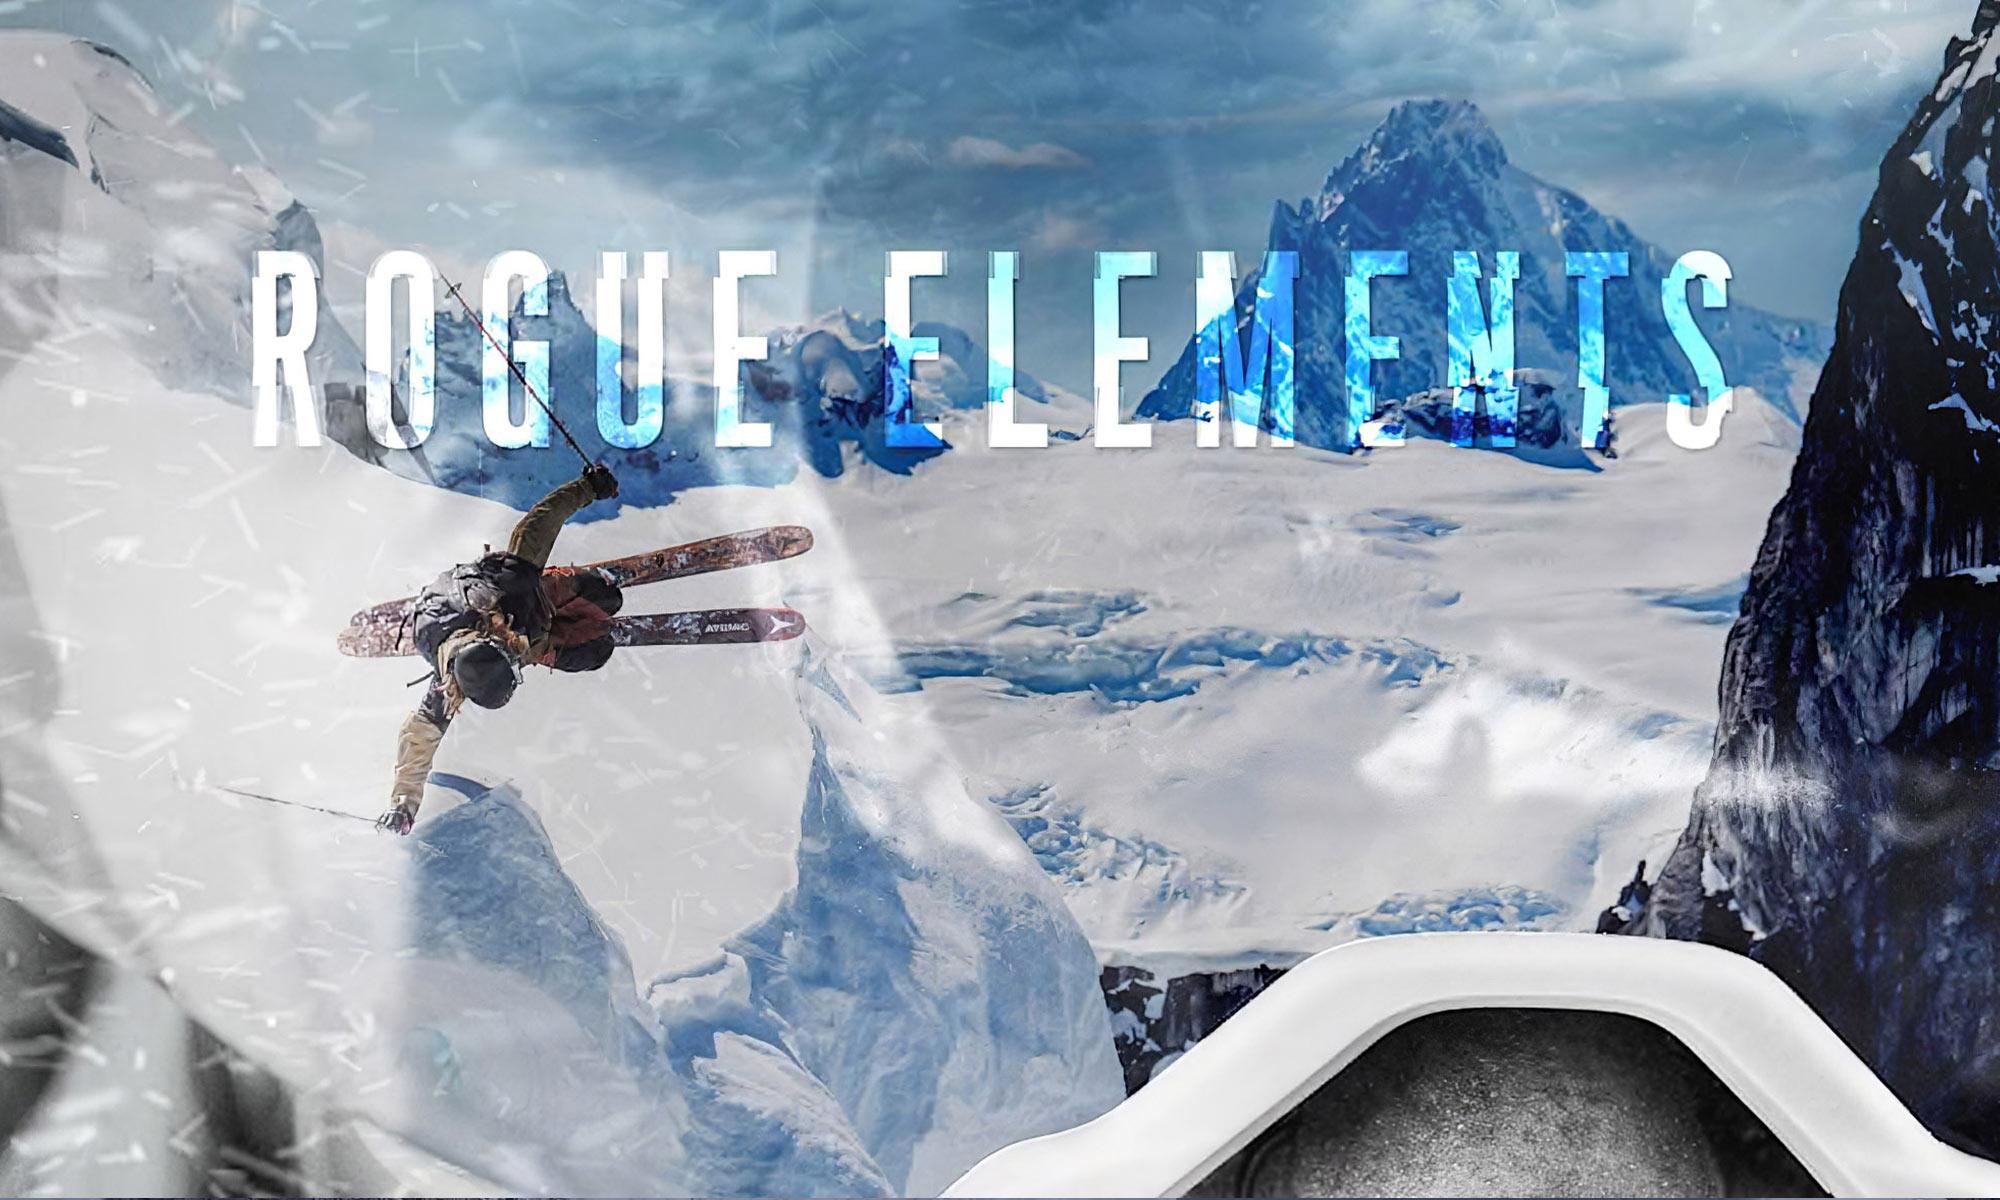 Rogue Elements